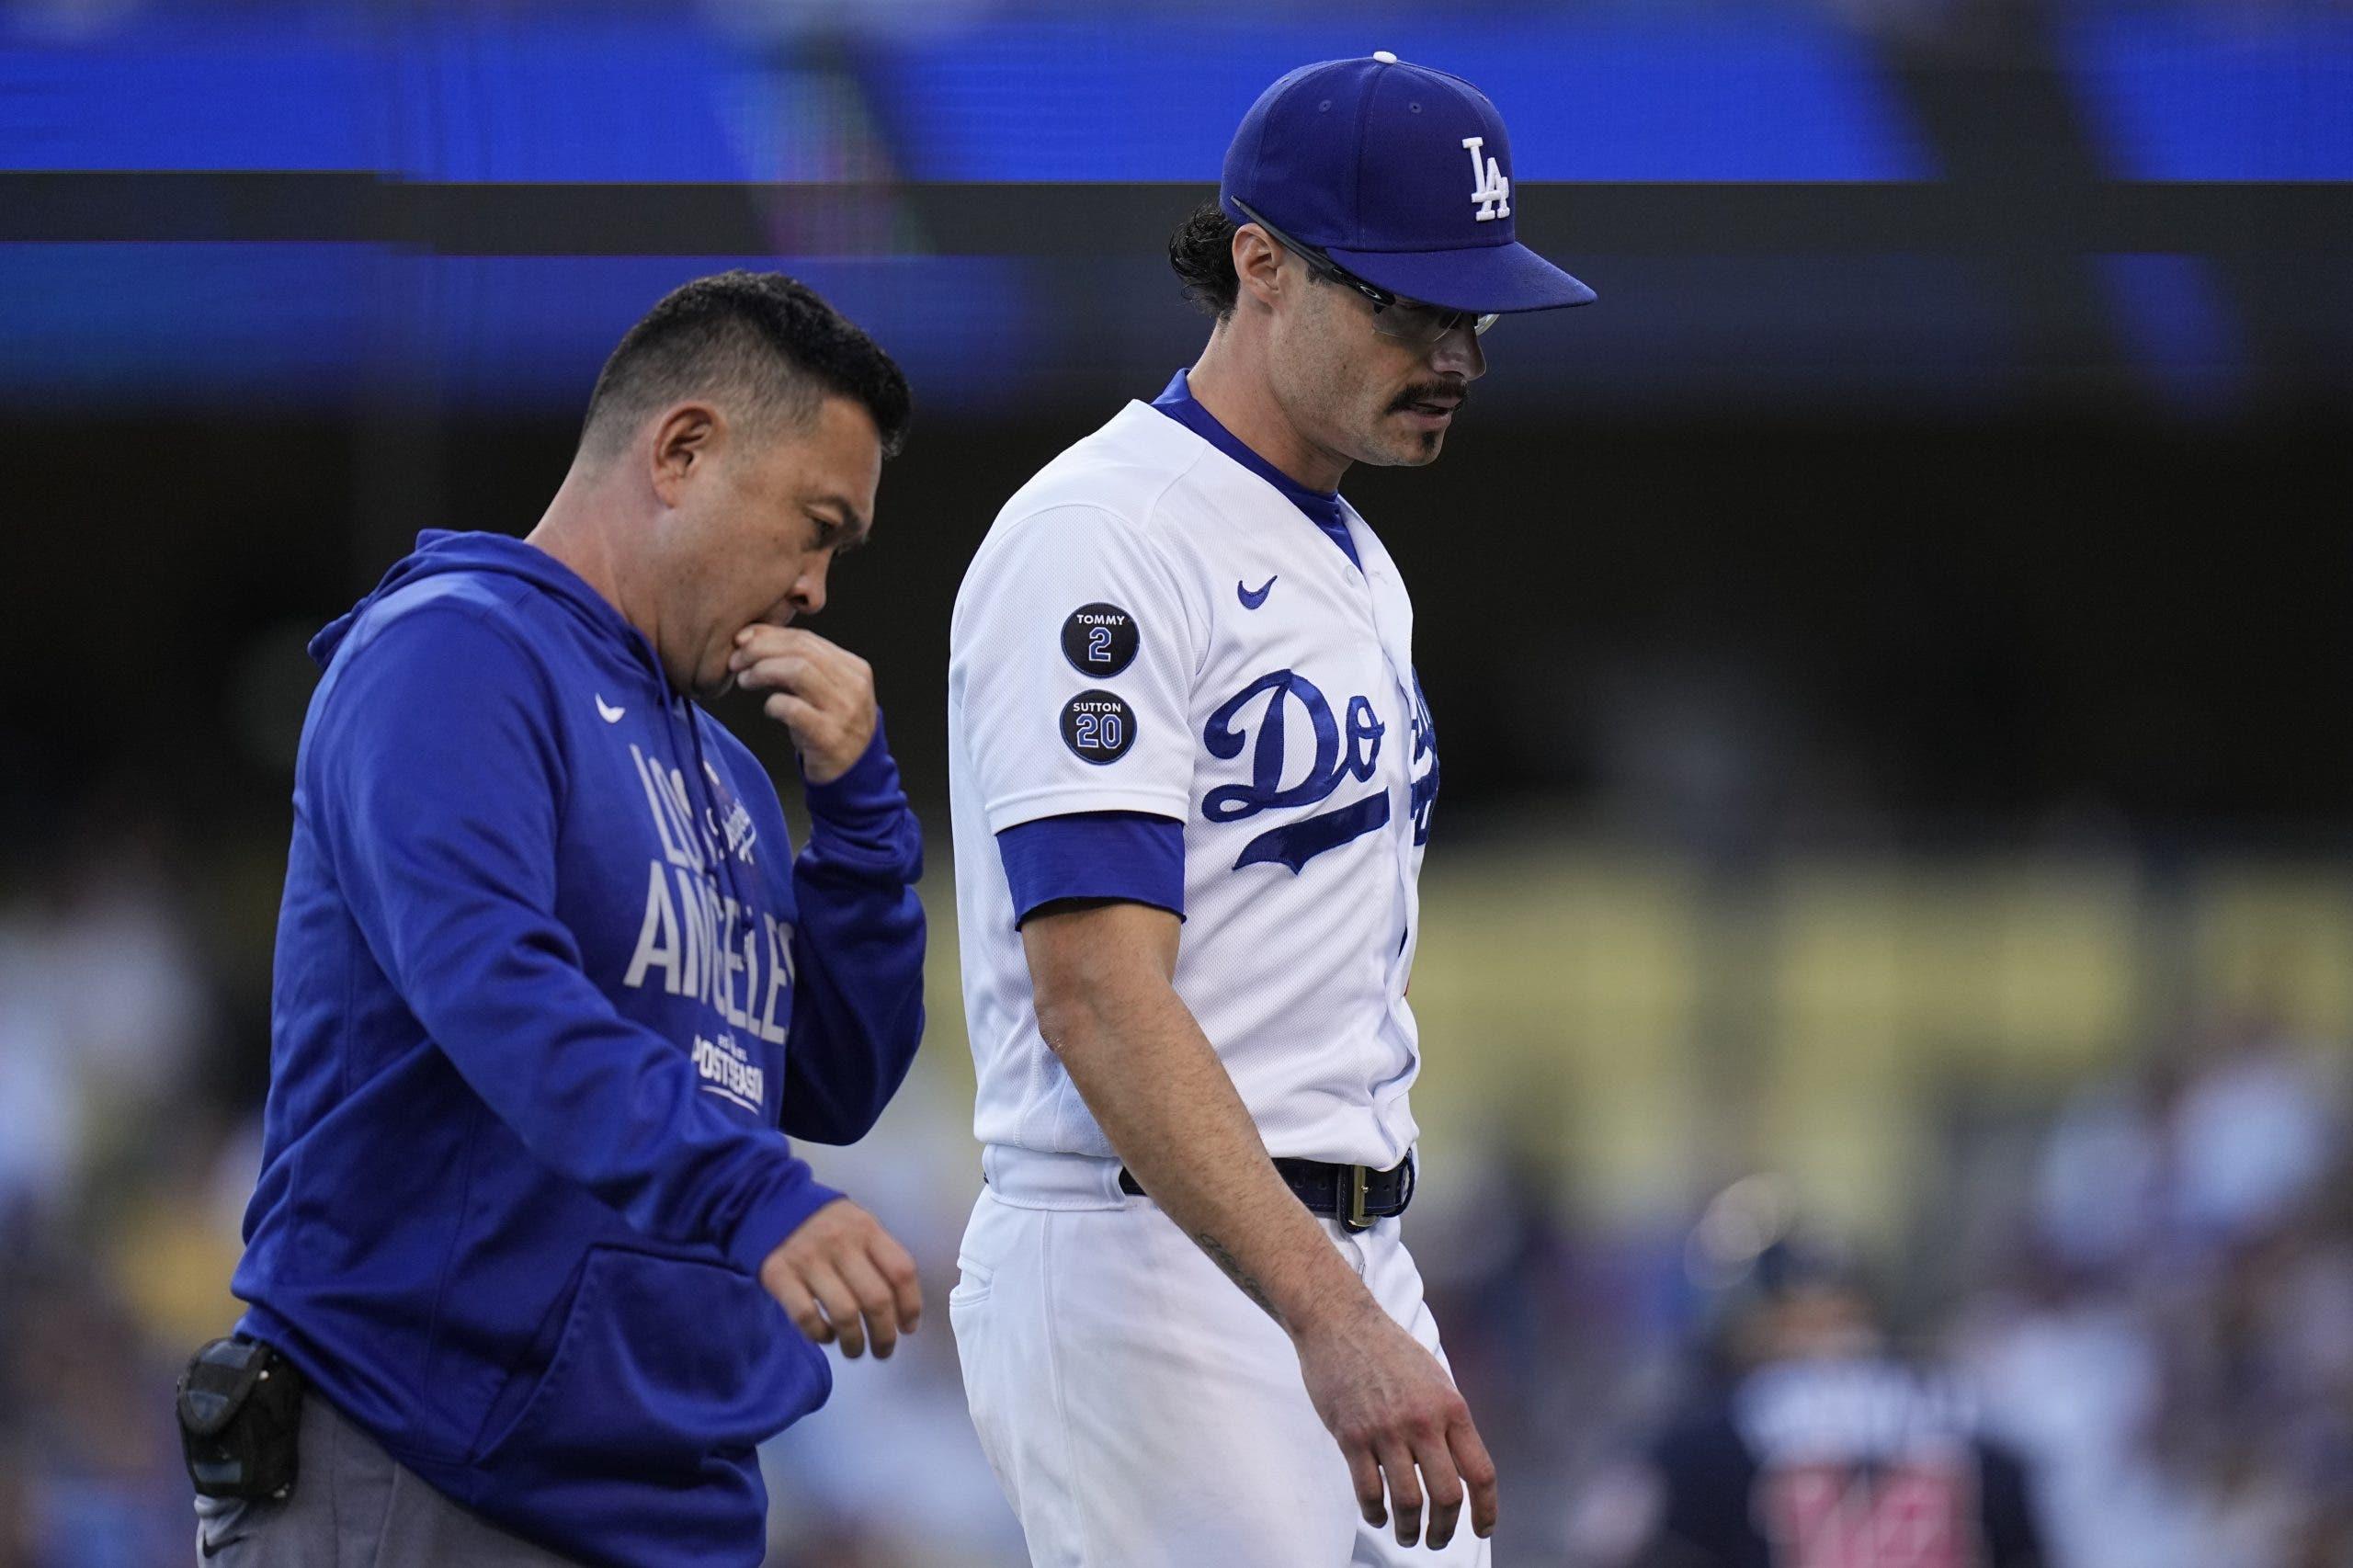 Joe Kelly abre por Dodgers, permite jonrón y se lesiona